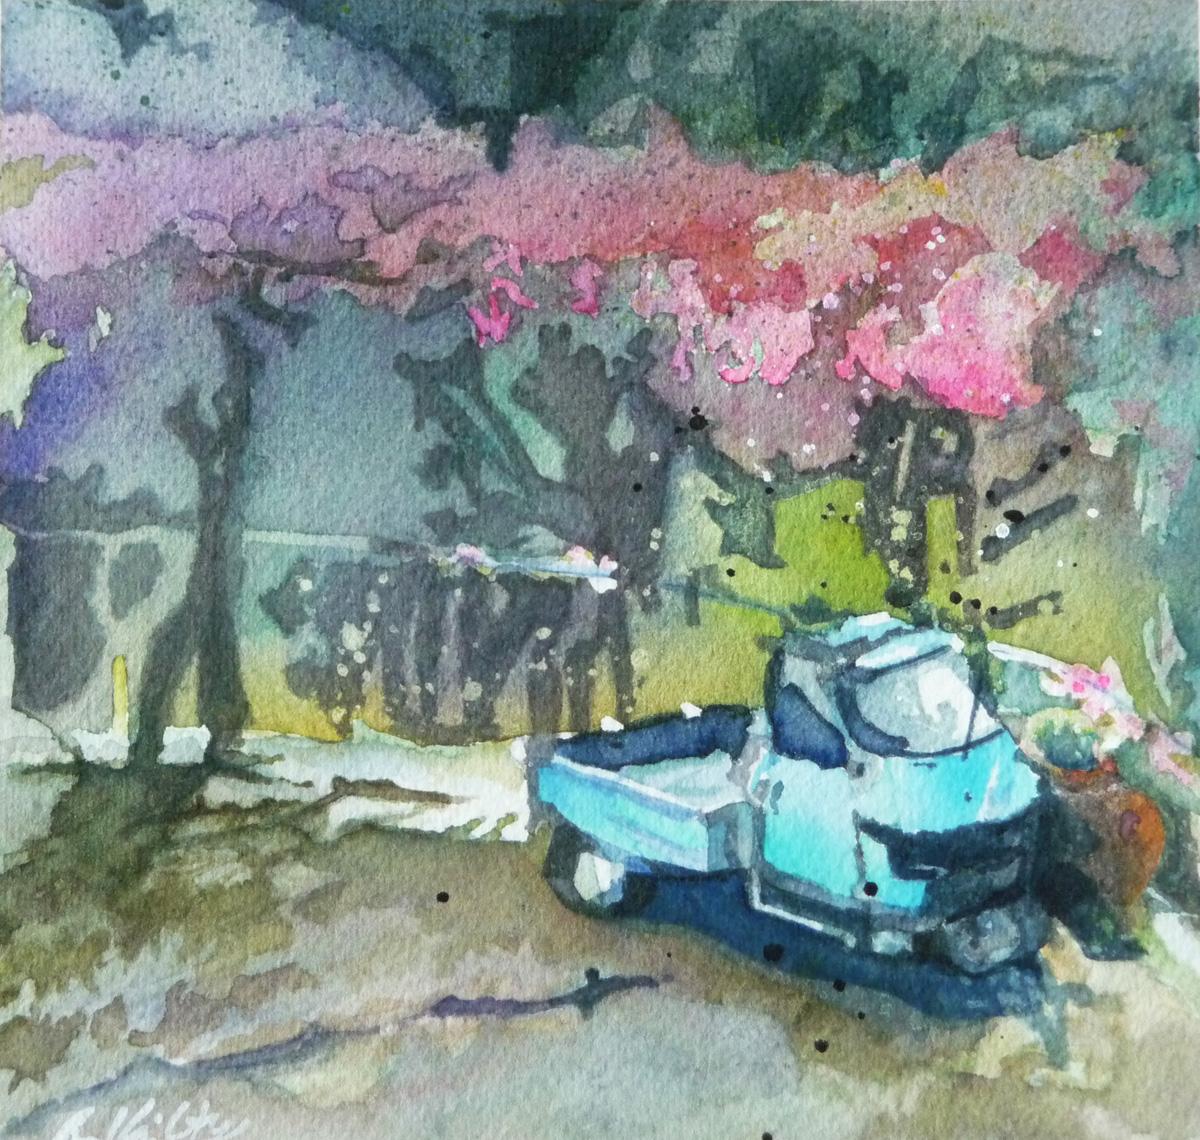 Piaggio Ape` | Bobbi Kilty | Fine Artist